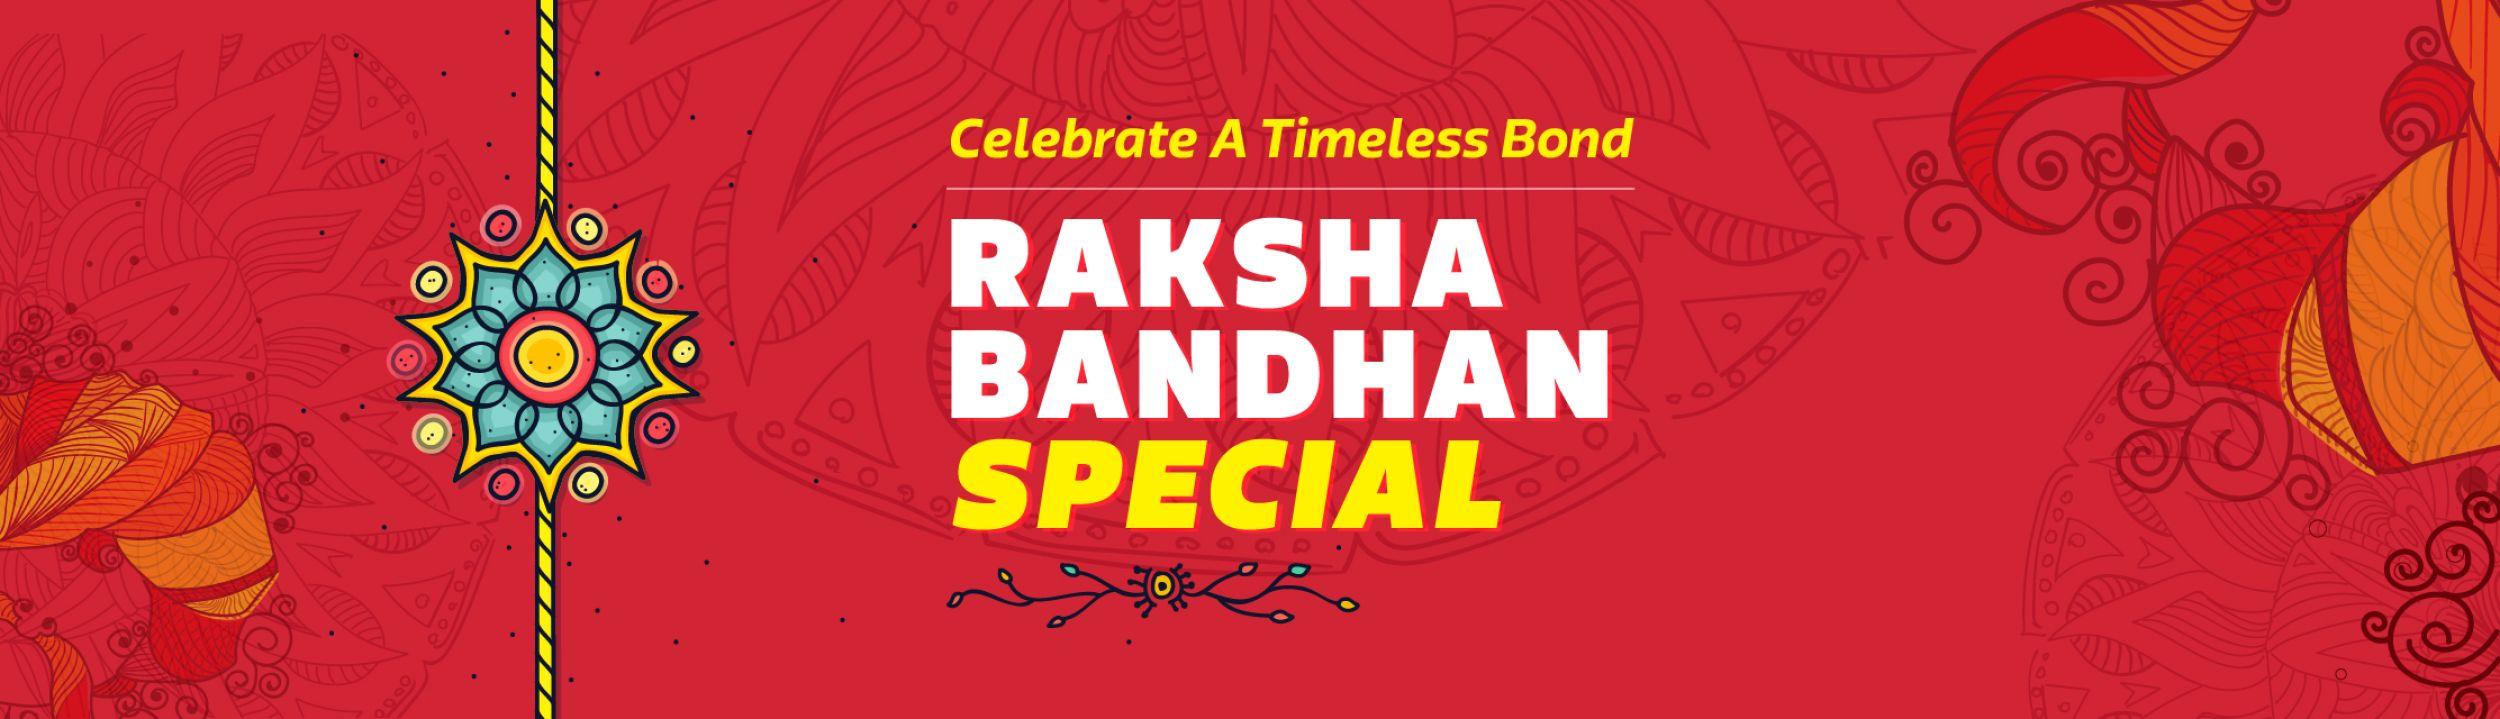 Raksha Bandhan special Raksha Bandhan special. Rakhi Rakhi fb716f659